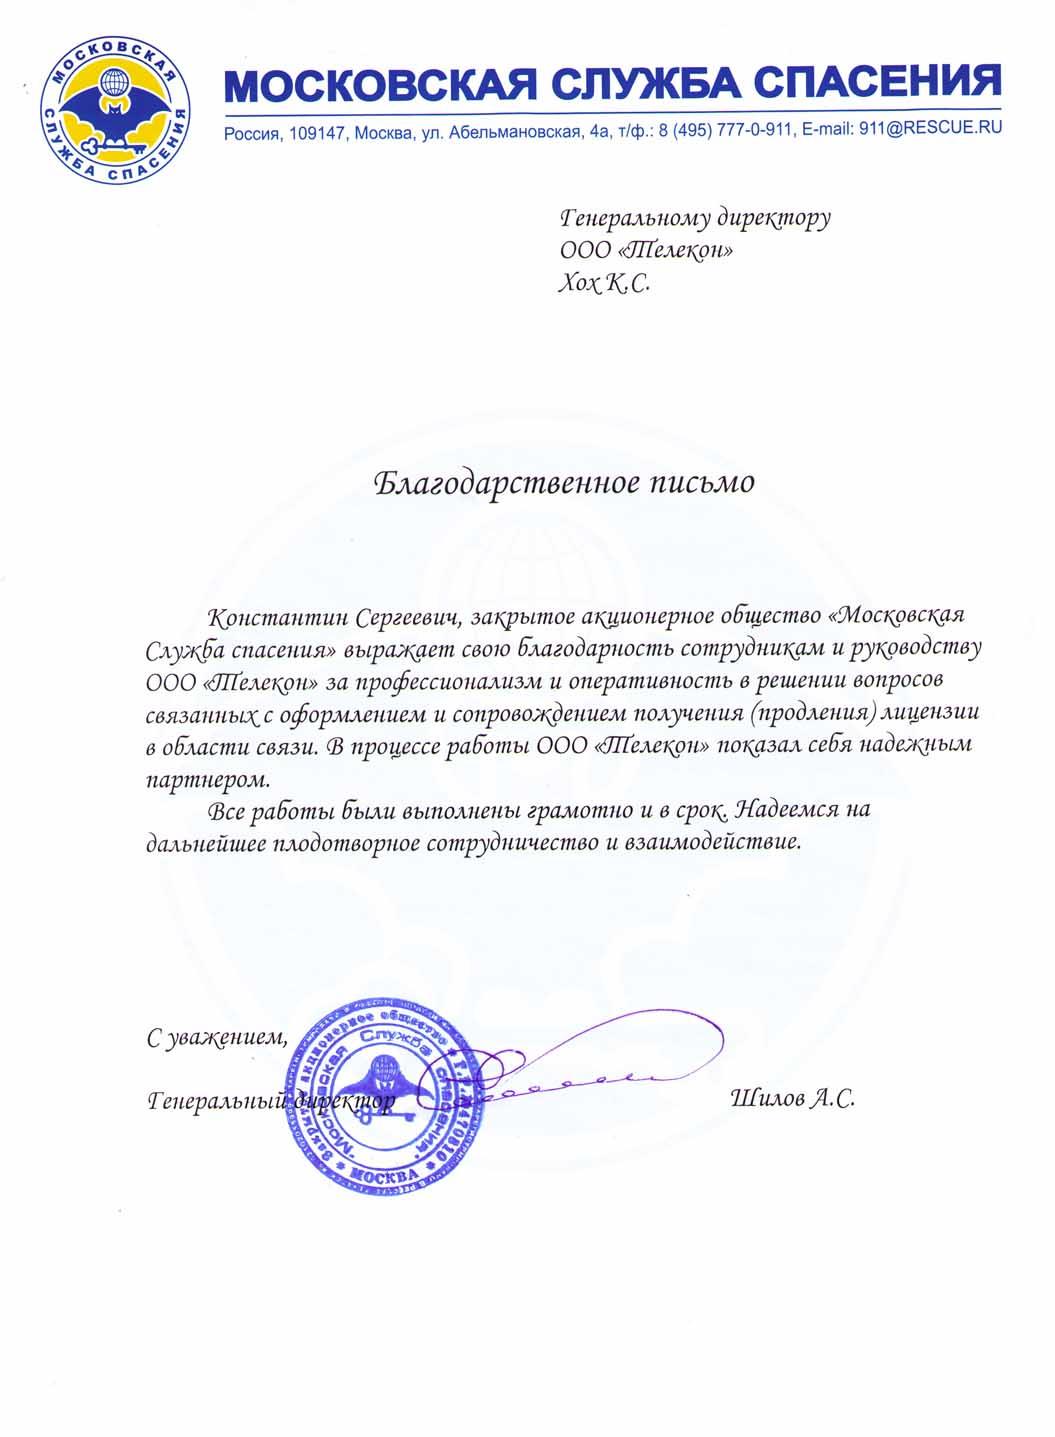 Московская служба спасения